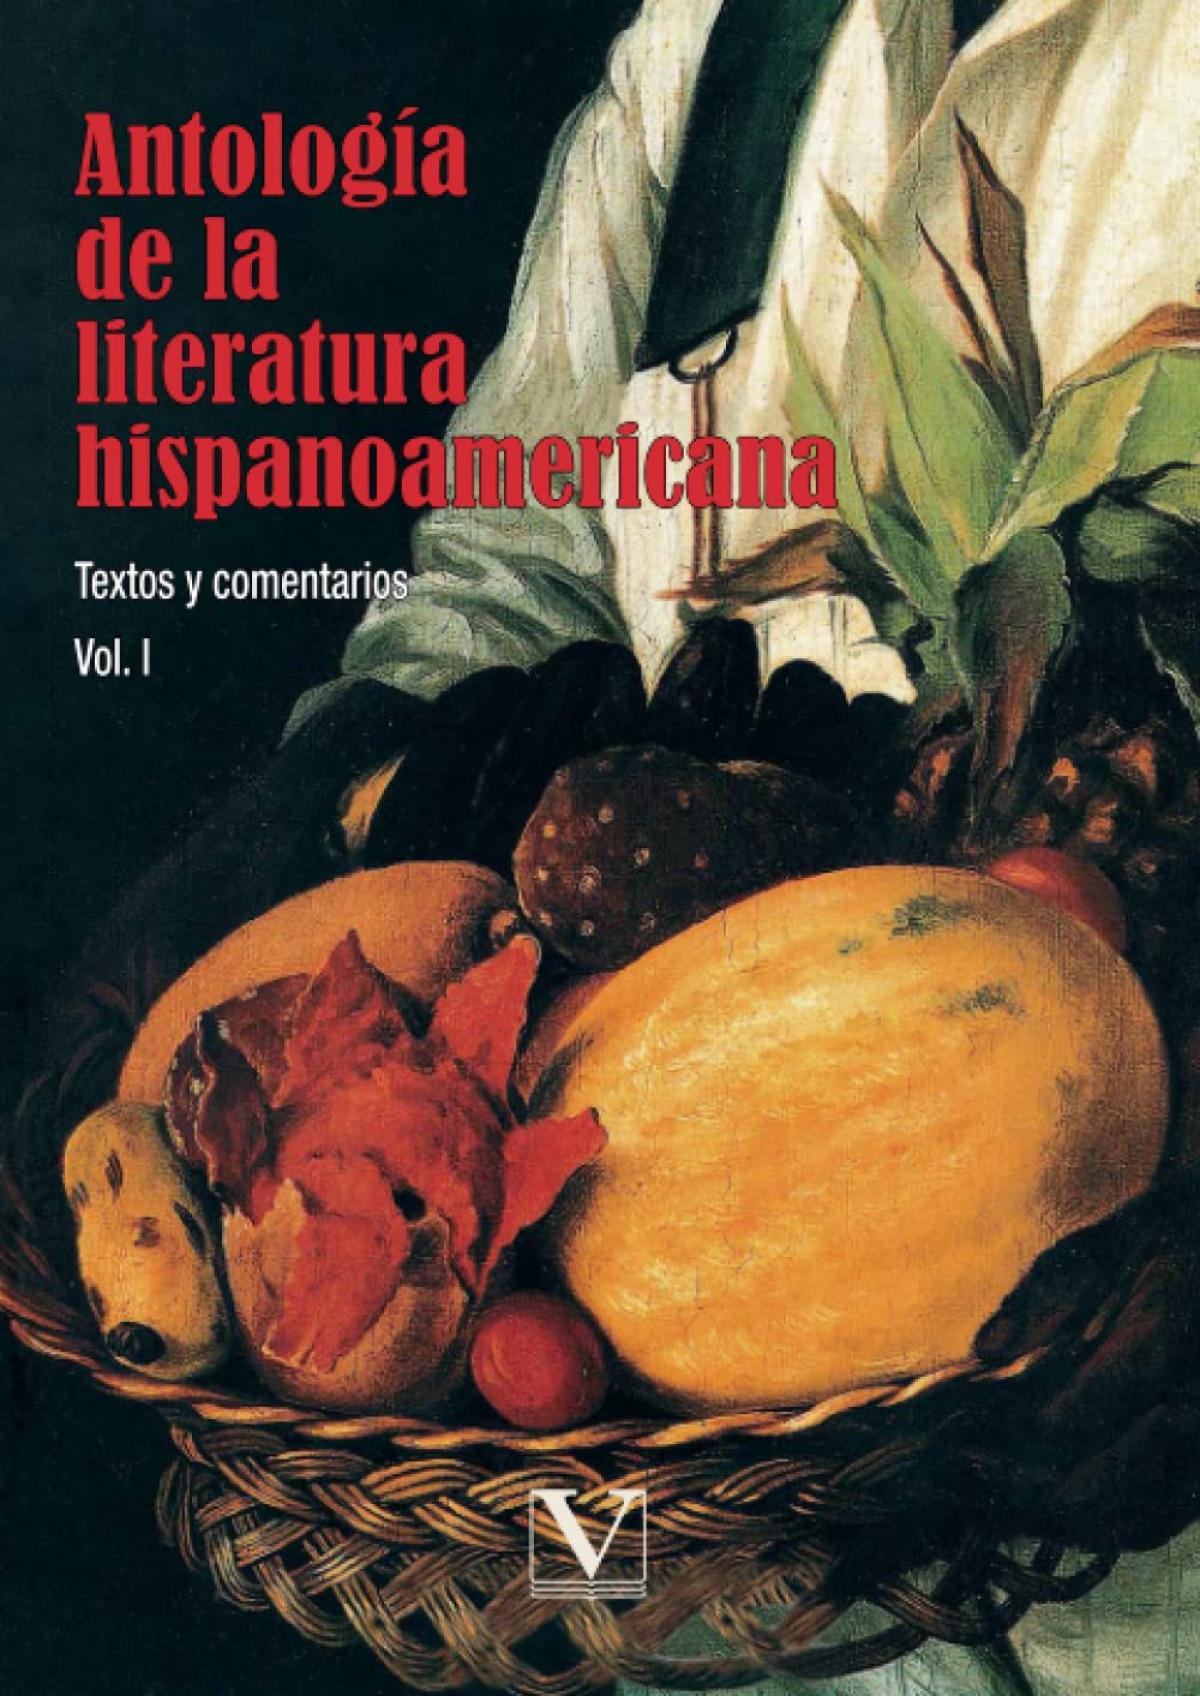 Antología de la literatura hispanoamericana.vol i